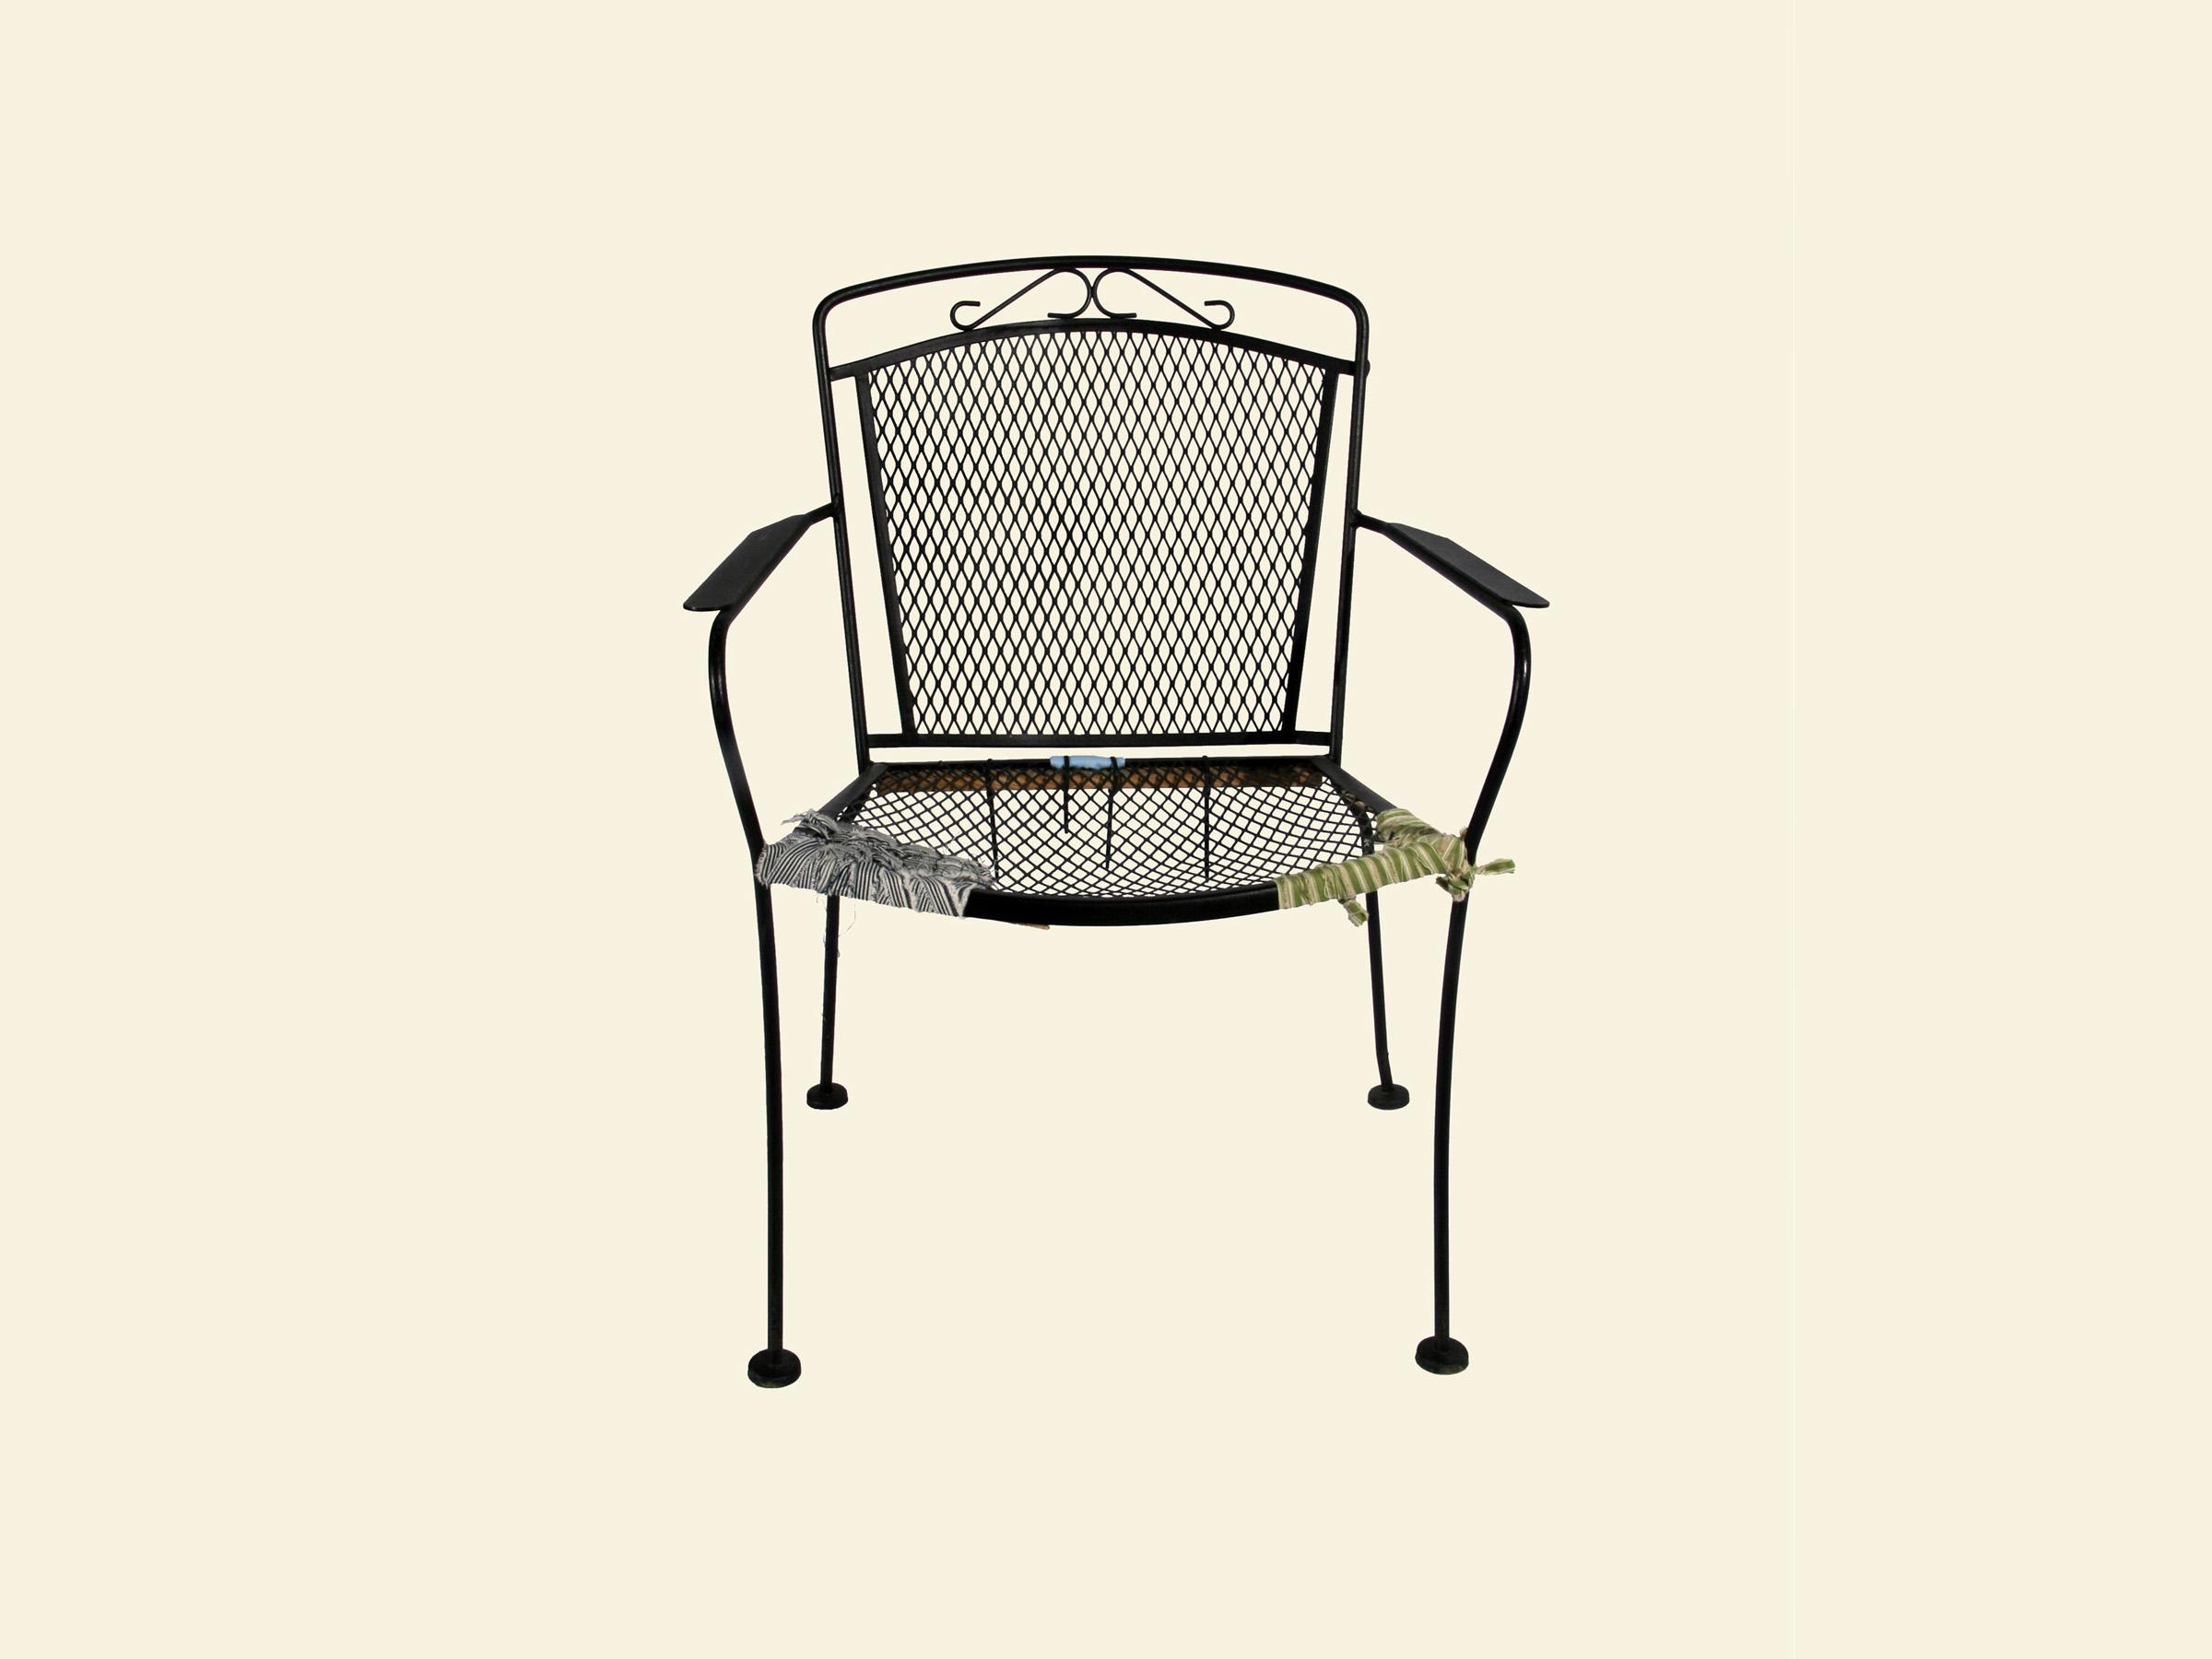 ffixed patio chair.jpg